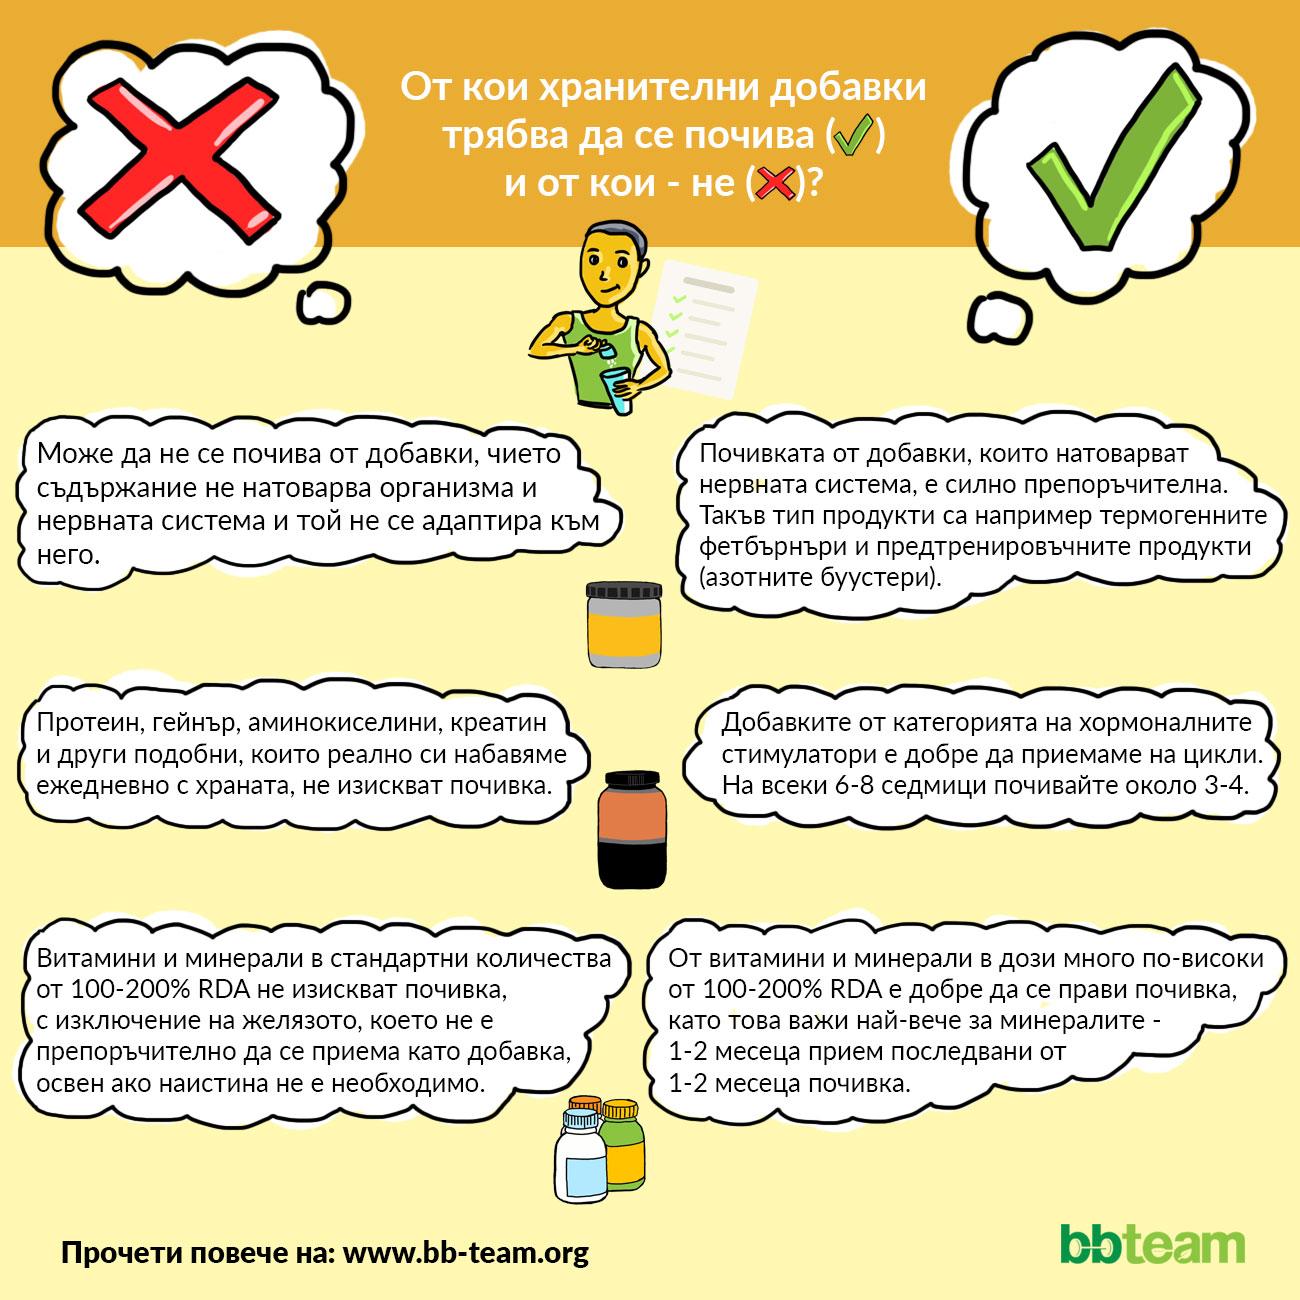 От кои хранителни добавки трябва да се почива и от кои - не [инфографика]